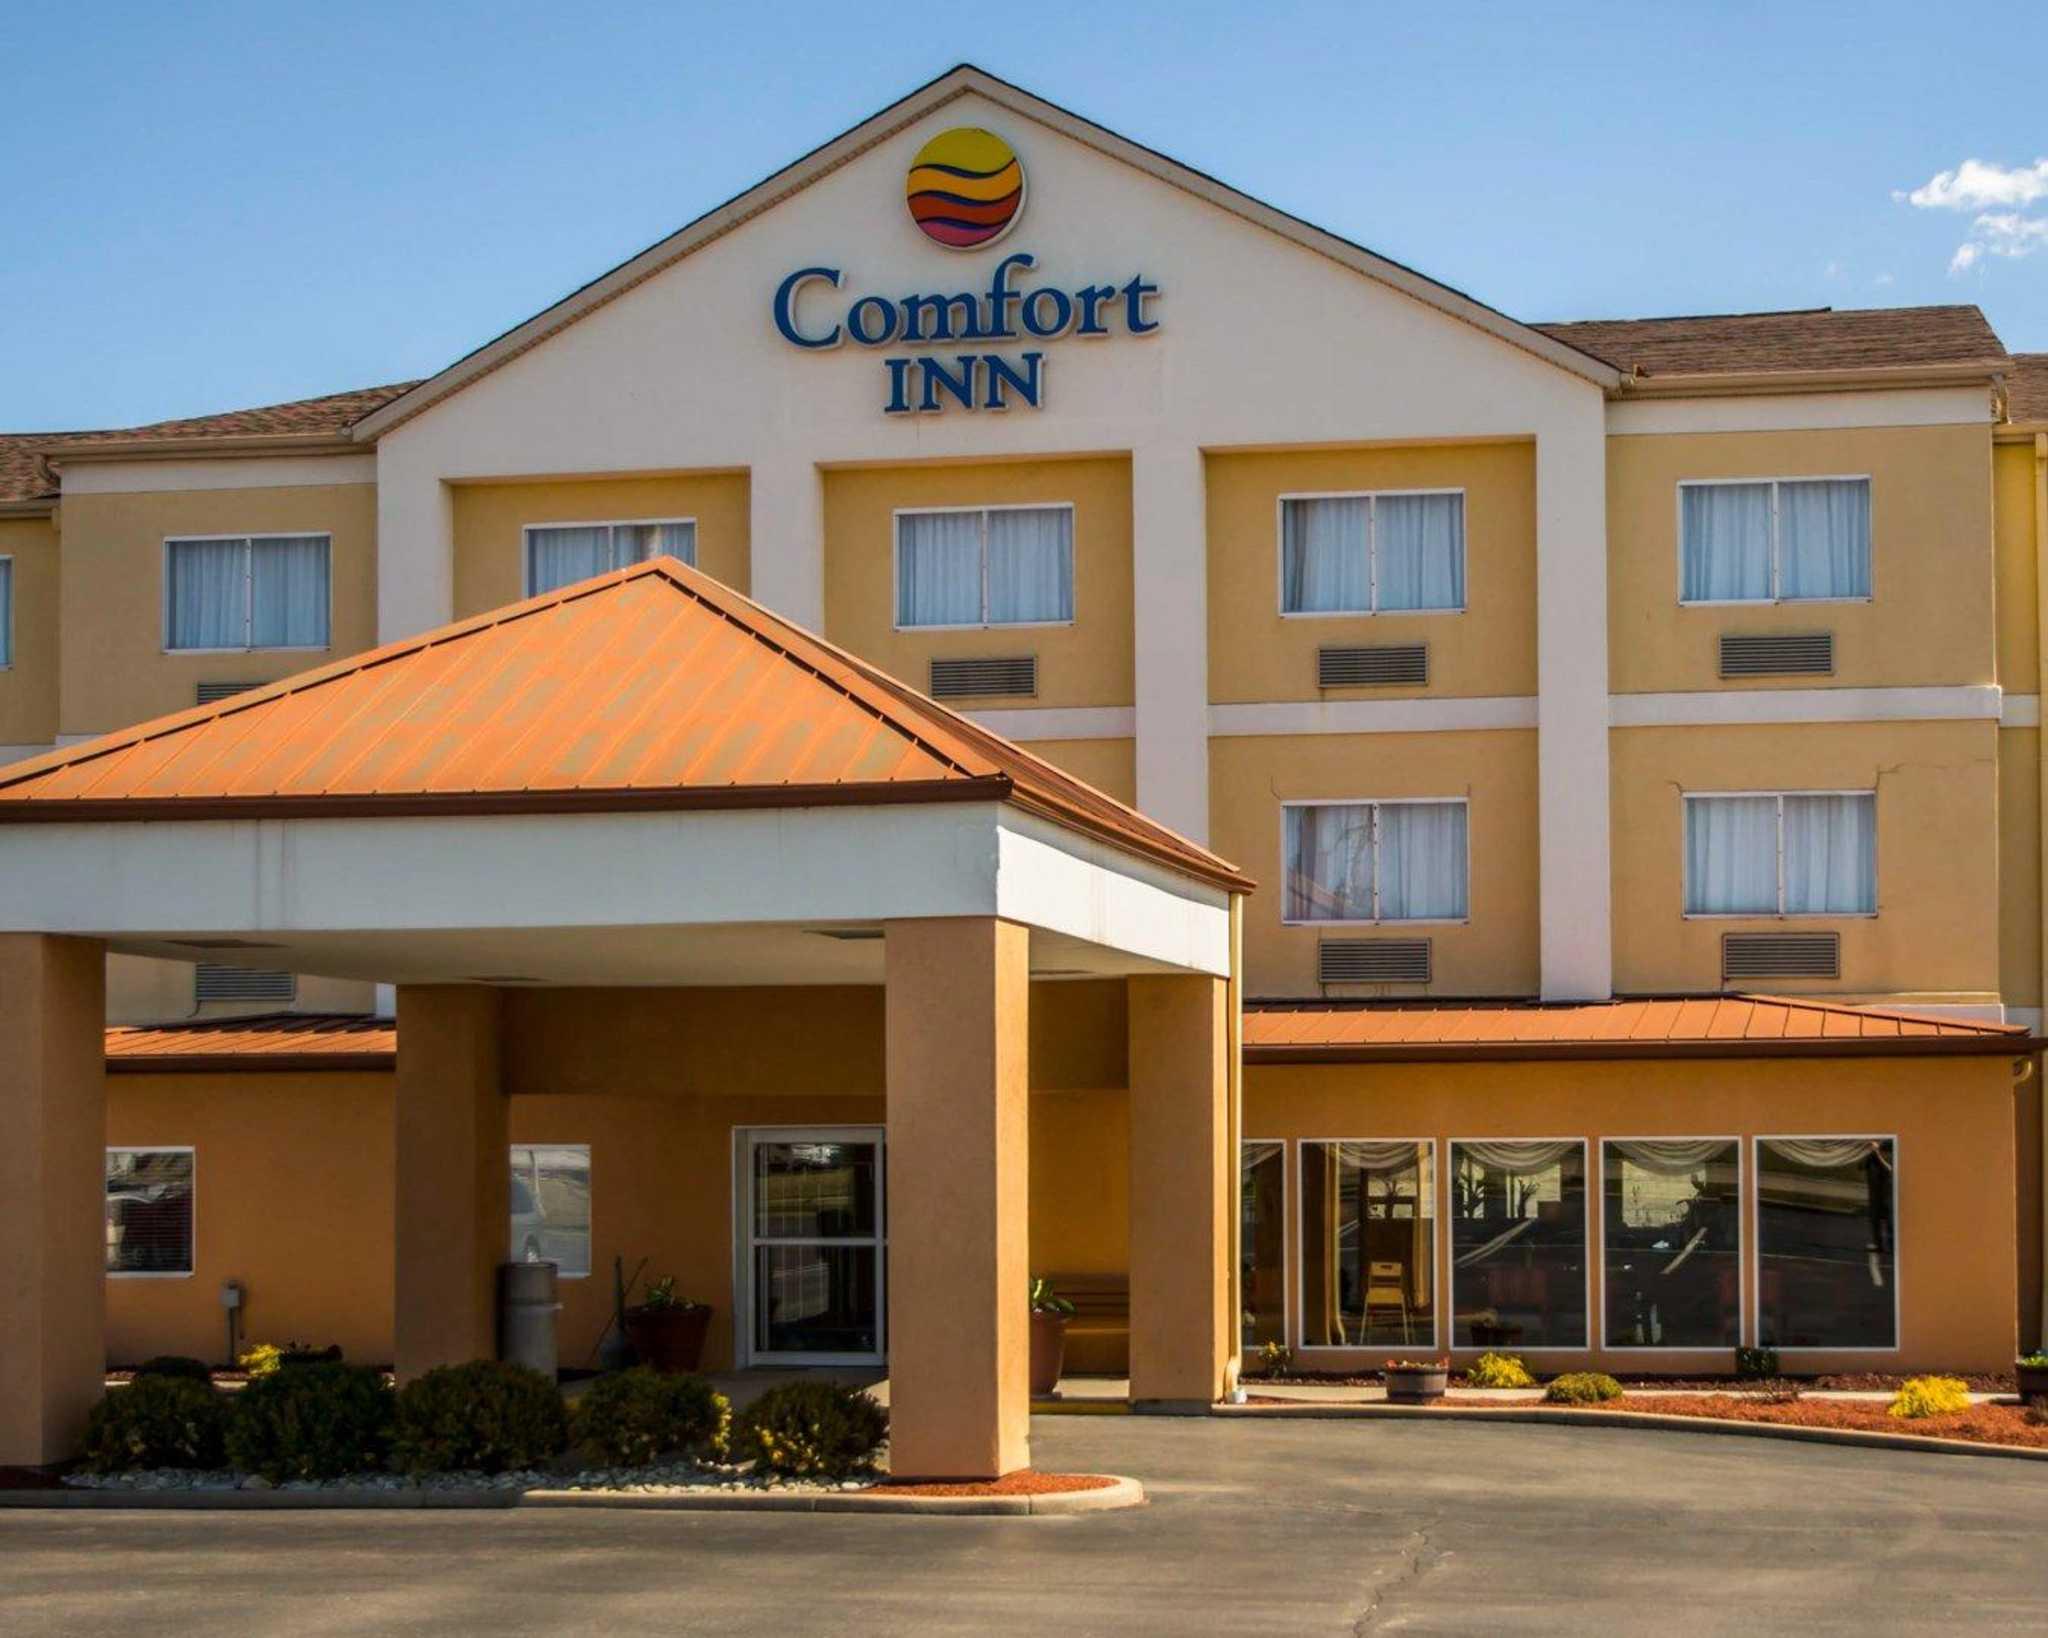 Comfort Inn image 2